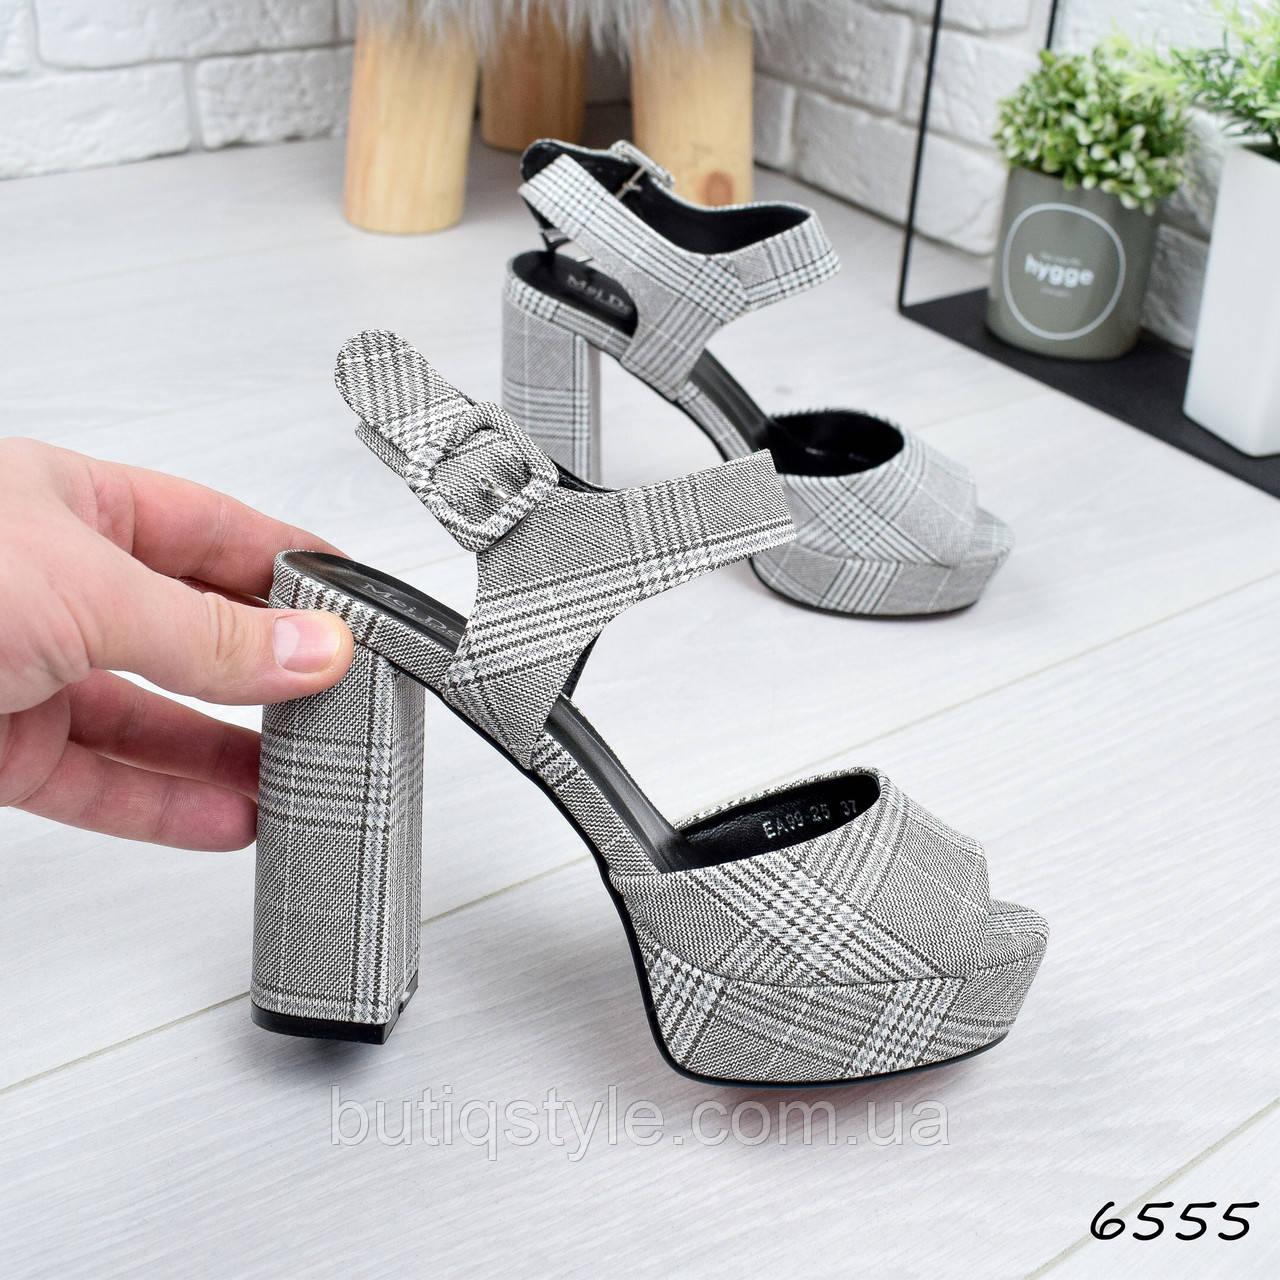 39 размер Красивые босоножки женские серые в клетку обувной текстиль